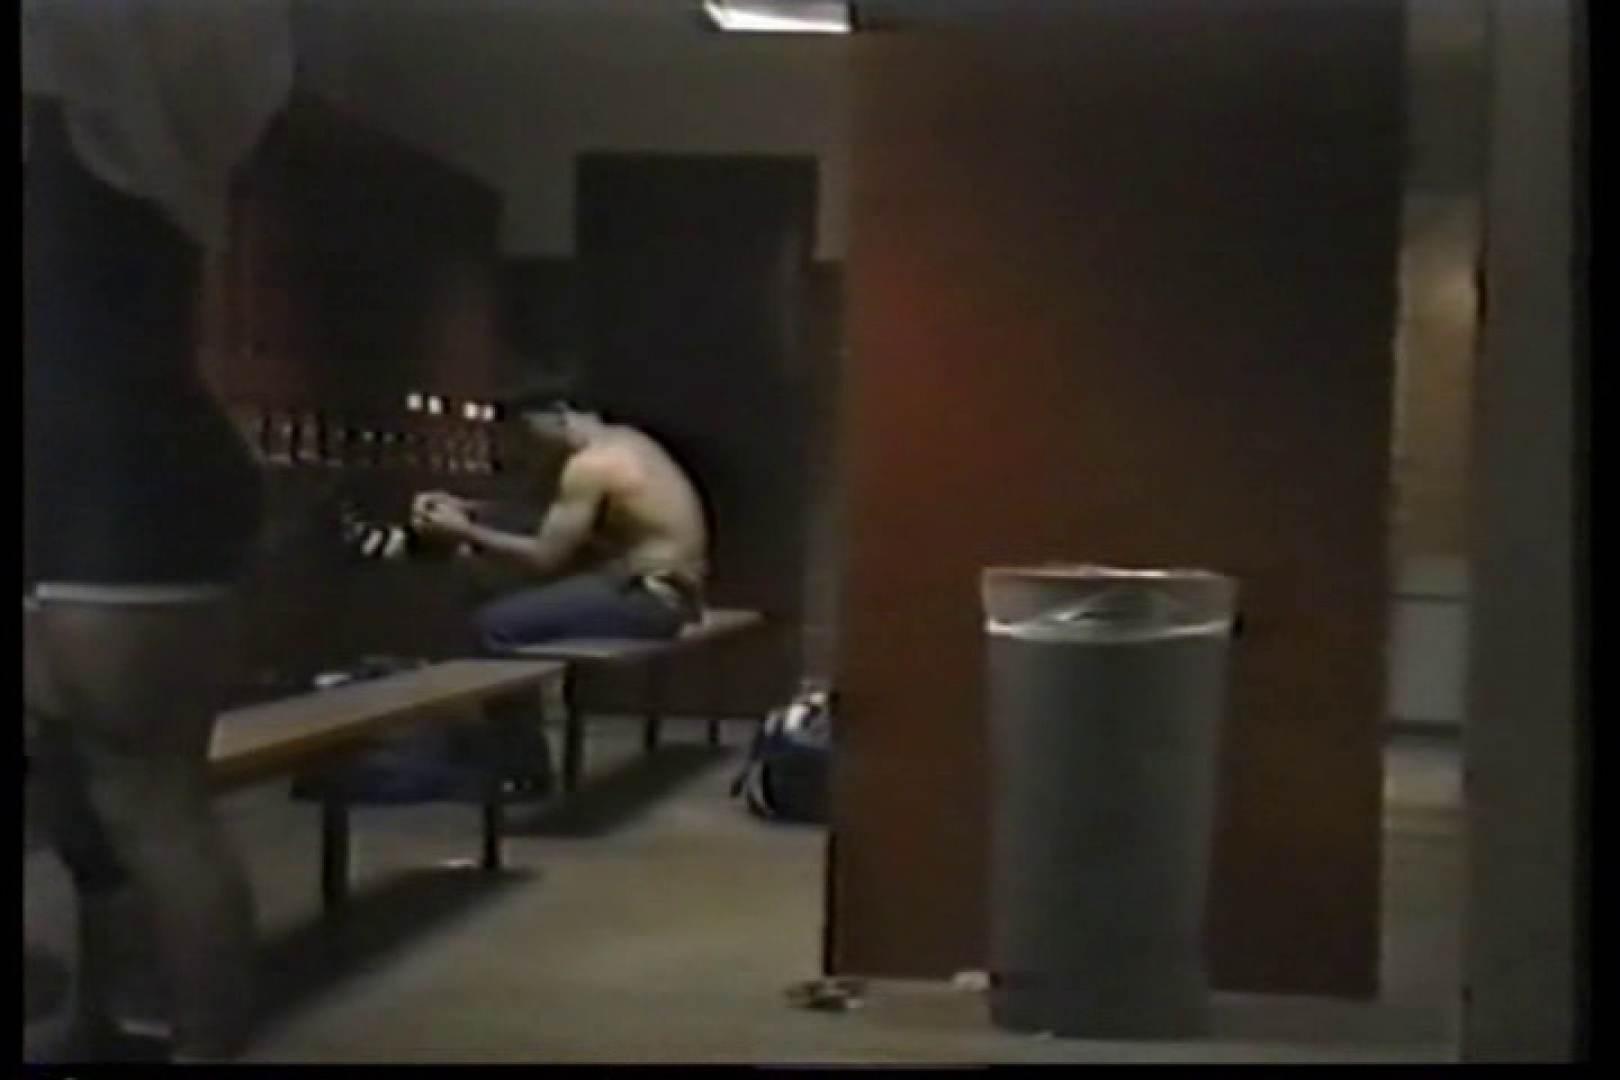 洋人さんの脱衣所を覗いてみました。VOL.3 のぞき ゲイアダルト画像 14画像 11